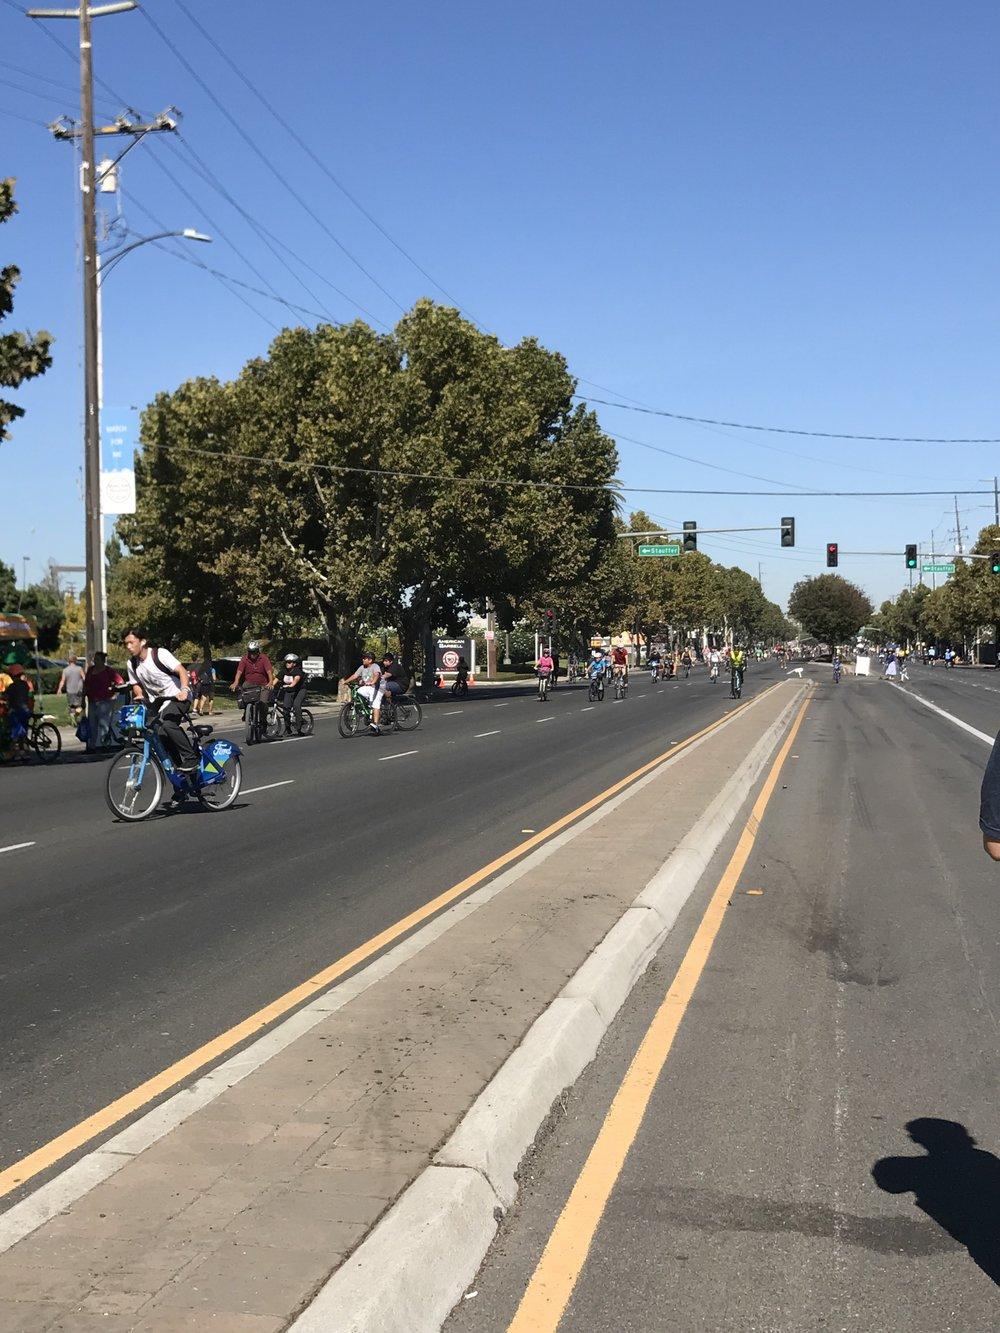 Ý tưởng cắt con đường 6 dặm thành công viên một ngày, tạo điều kiện cho mọi người cùng xuống đường tản bộ, ngắm quang cảnh dọc hai bên đường phố, hay lái xe đạp chạy vòng vòng cùng gia đình là một sáng kiến hay.